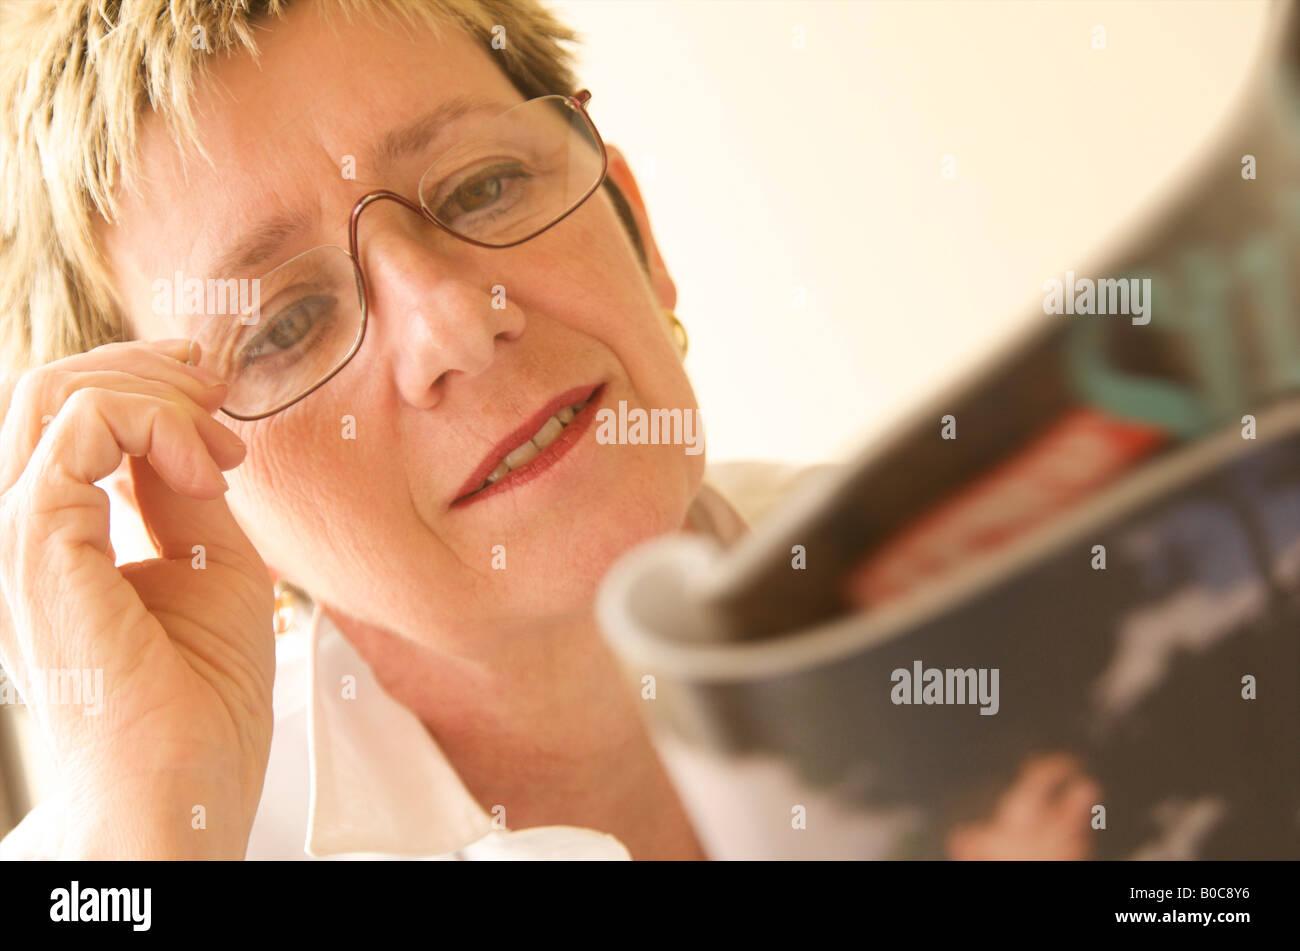 La fin de la maturité, femme d'âge moyen d'essayer de lire un magazine avec une mauvaise vision Photo Stock